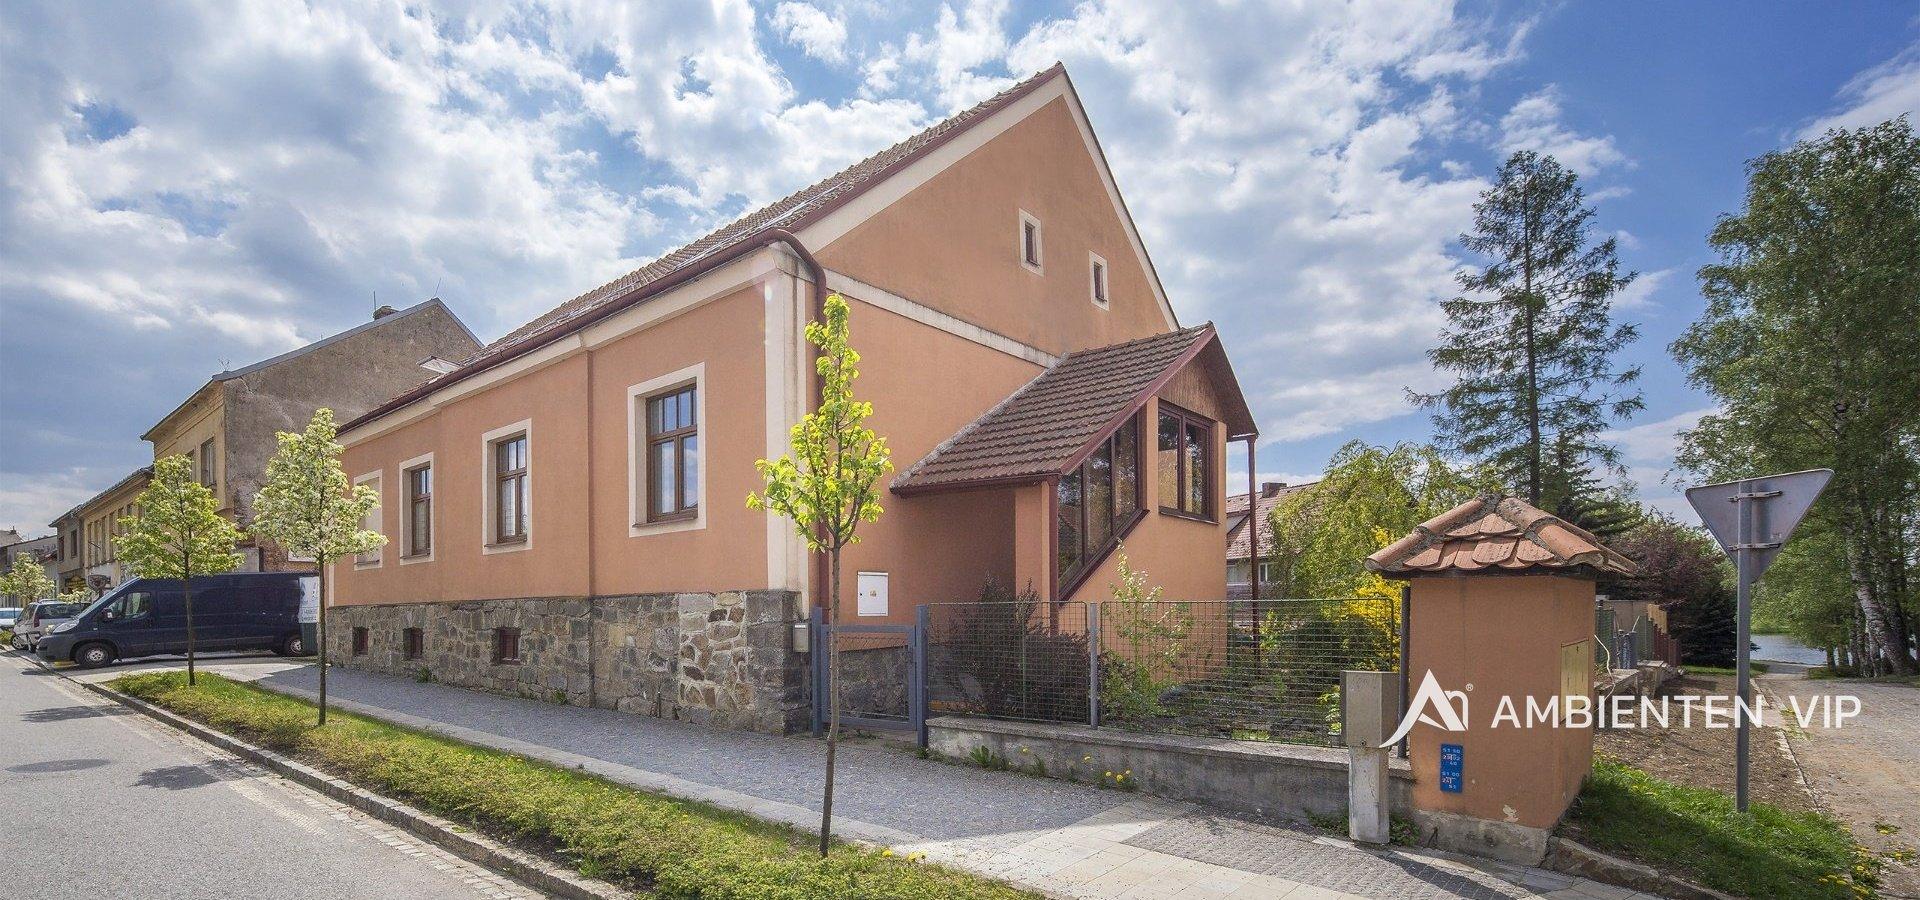 prodej-rodinneho-domu-na-bydleni-i-investici-477m2-telc-4merge-ff62a1